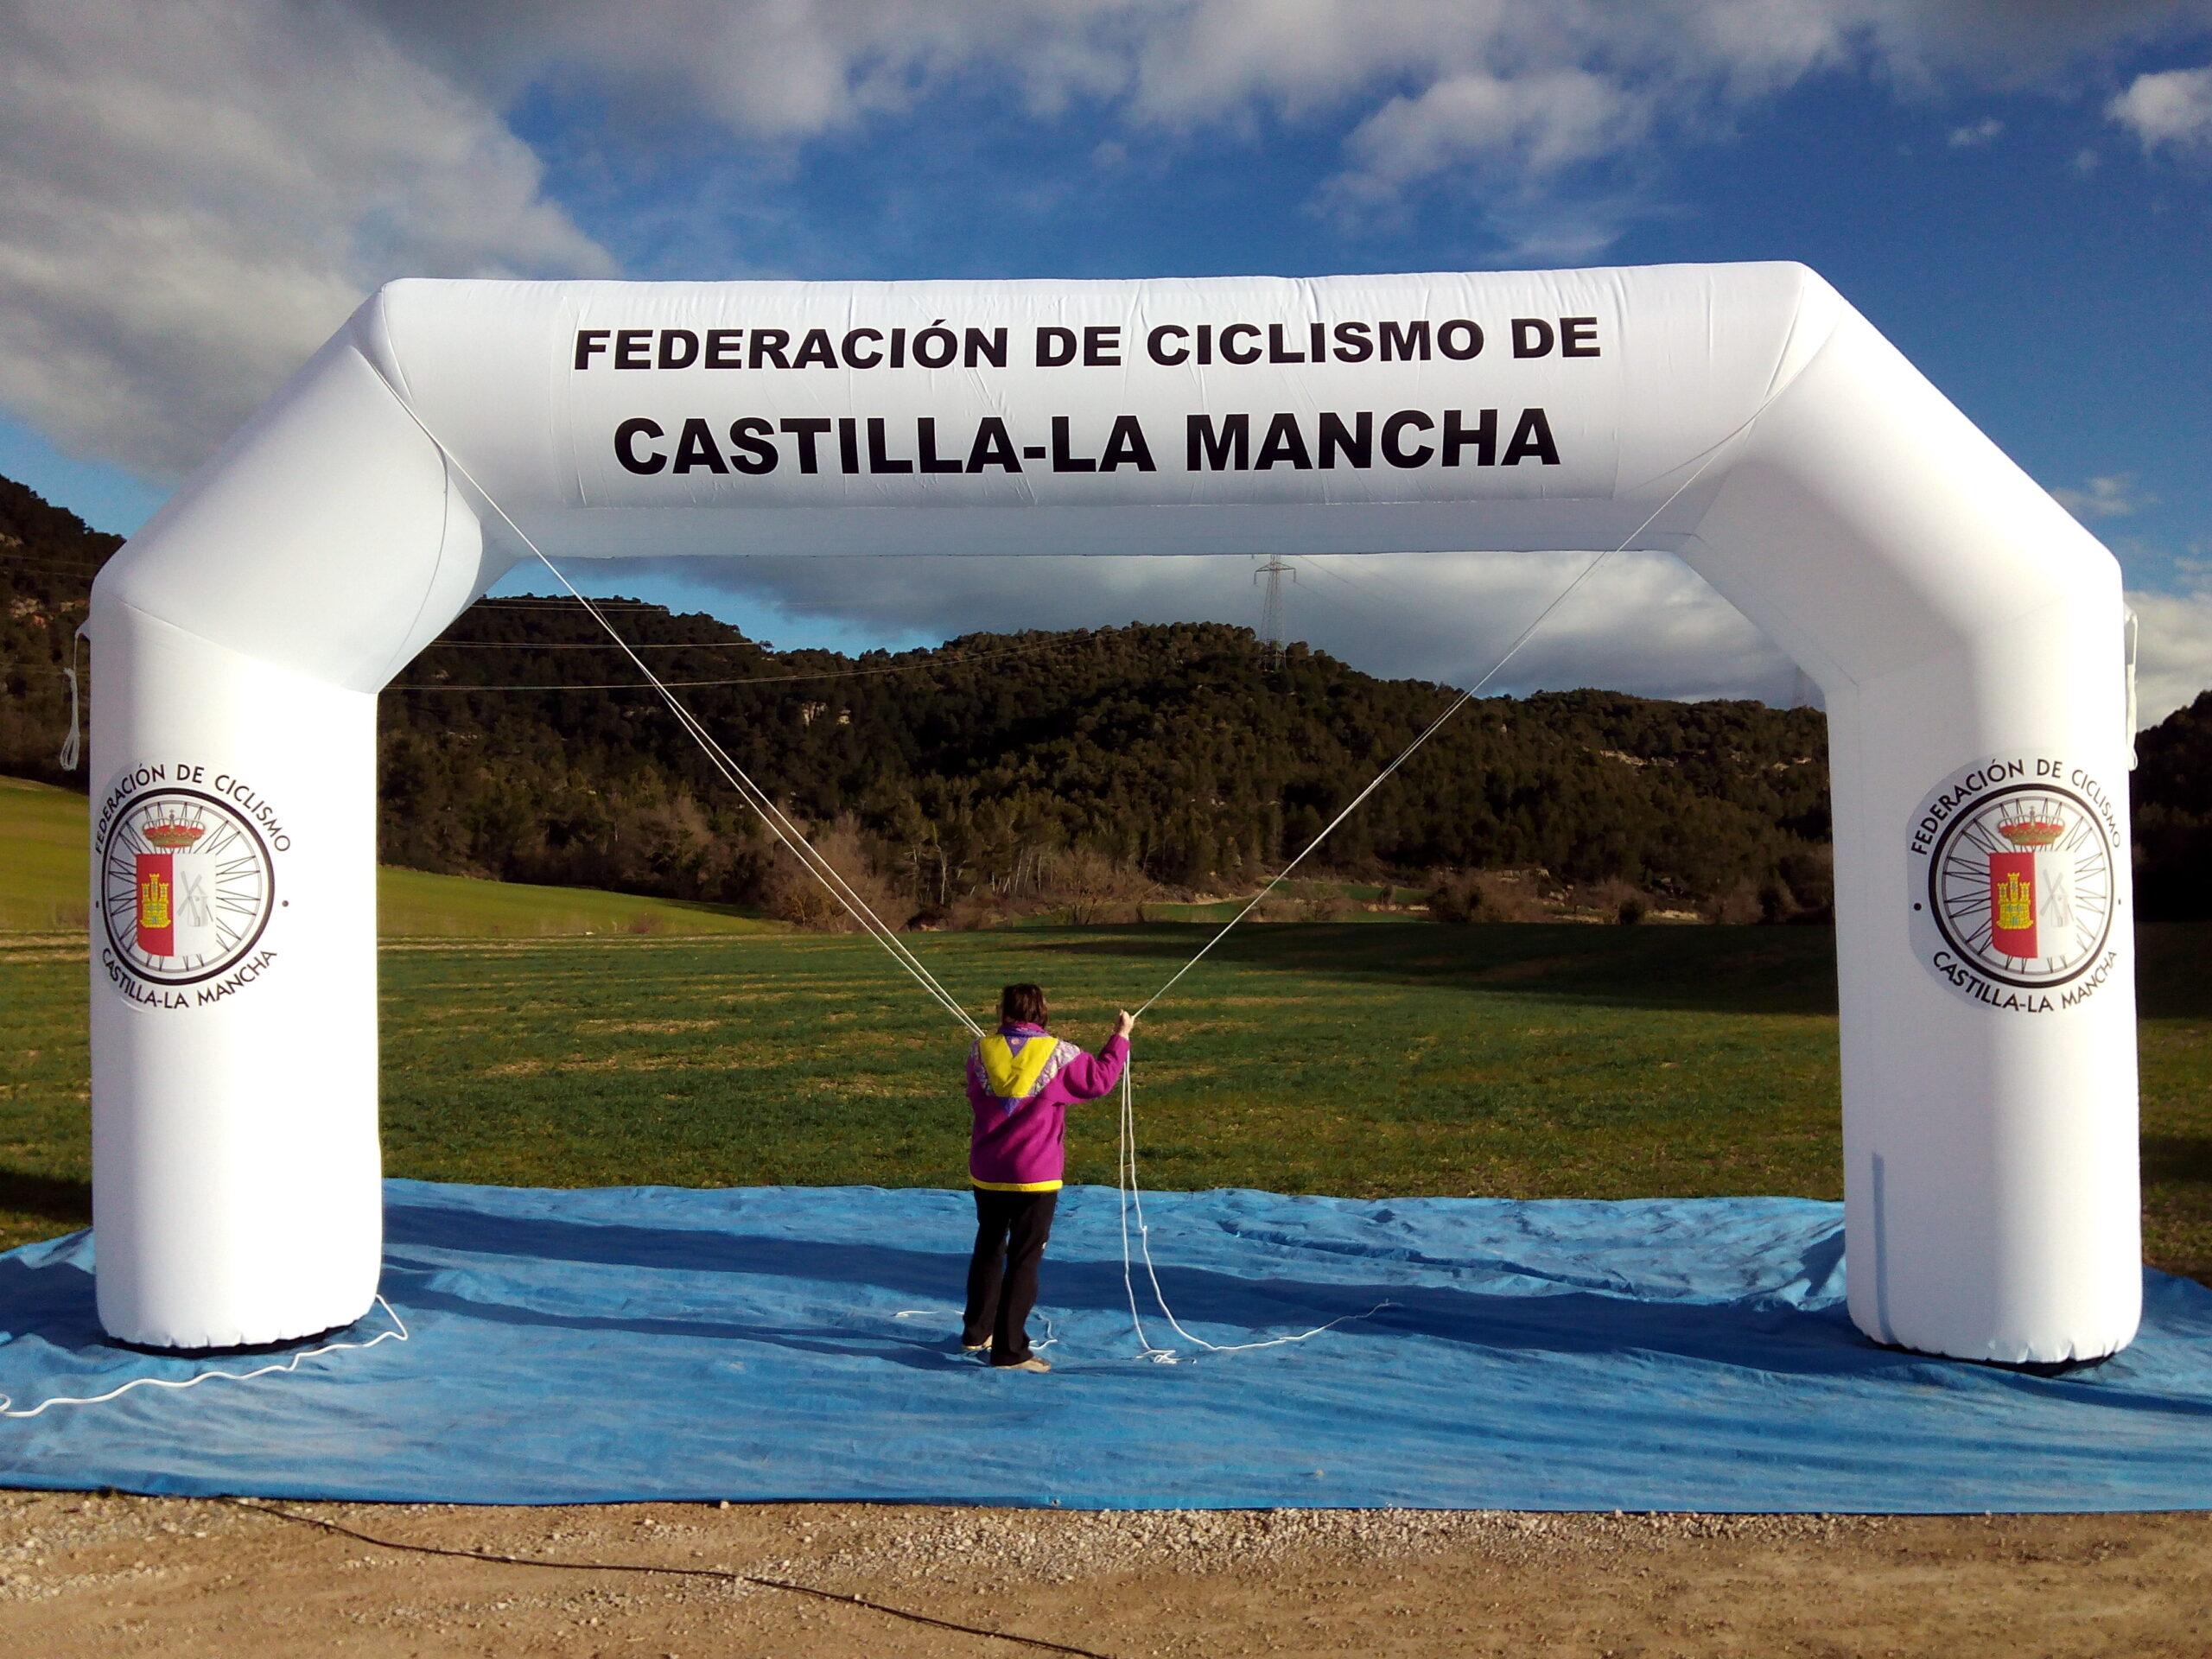 Arco De Meta Hinchable AM2 Federacion Ciclismo